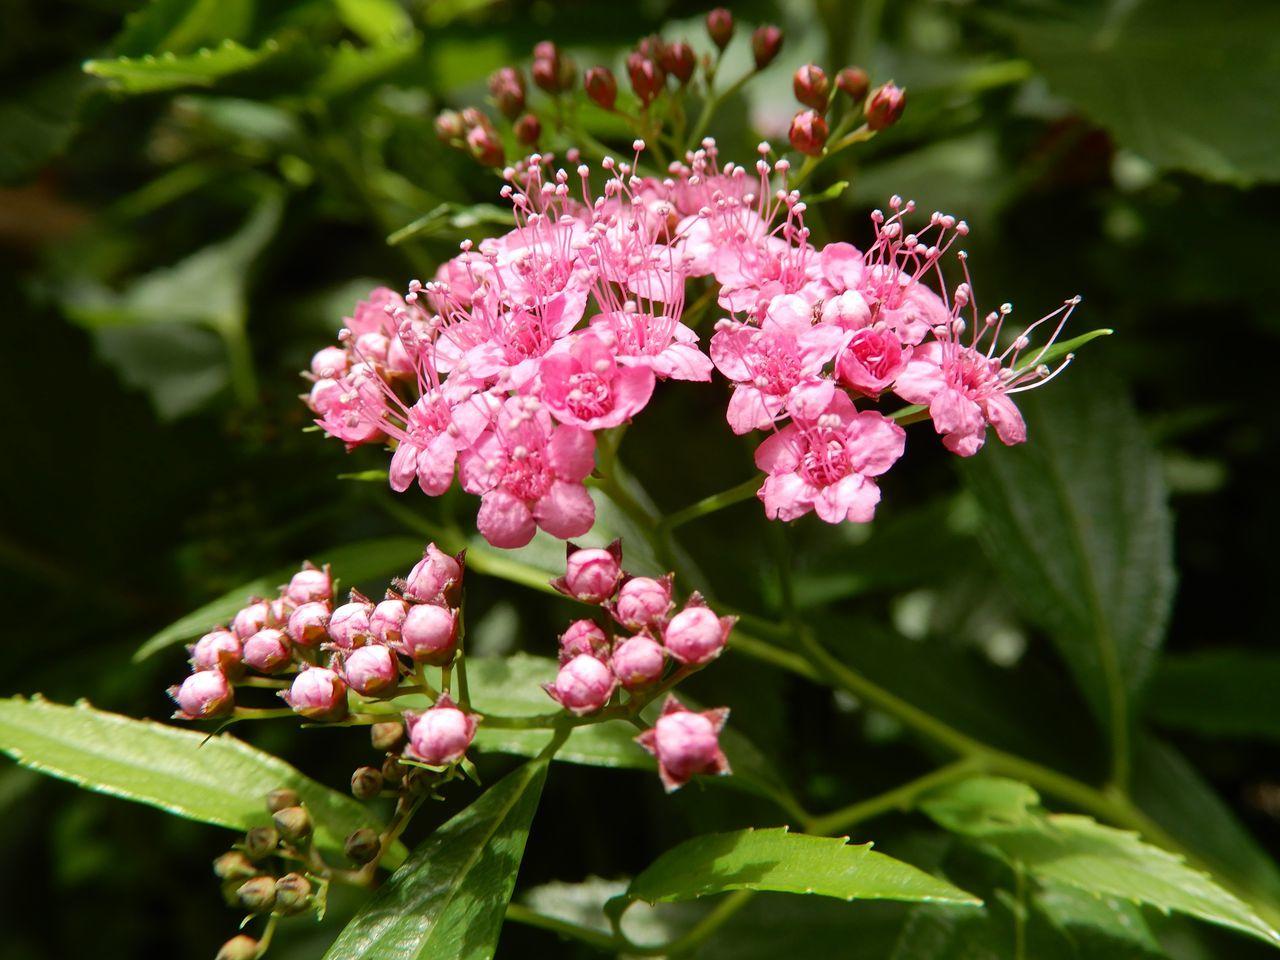 シモツケが咲き始める「小暑・温風至」_c0025115_22354964.jpg